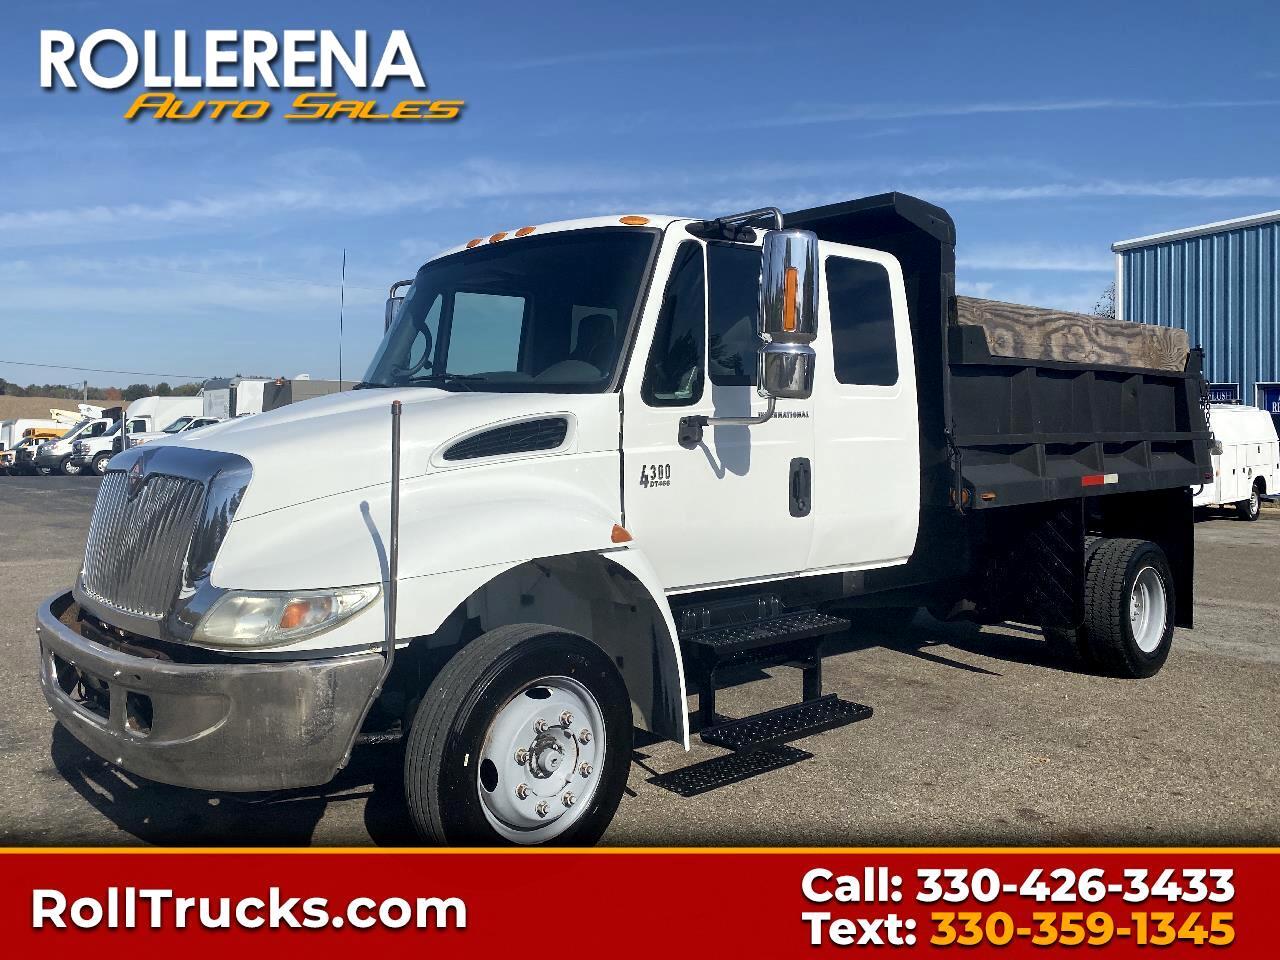 2003 International 4300 Dump Truck